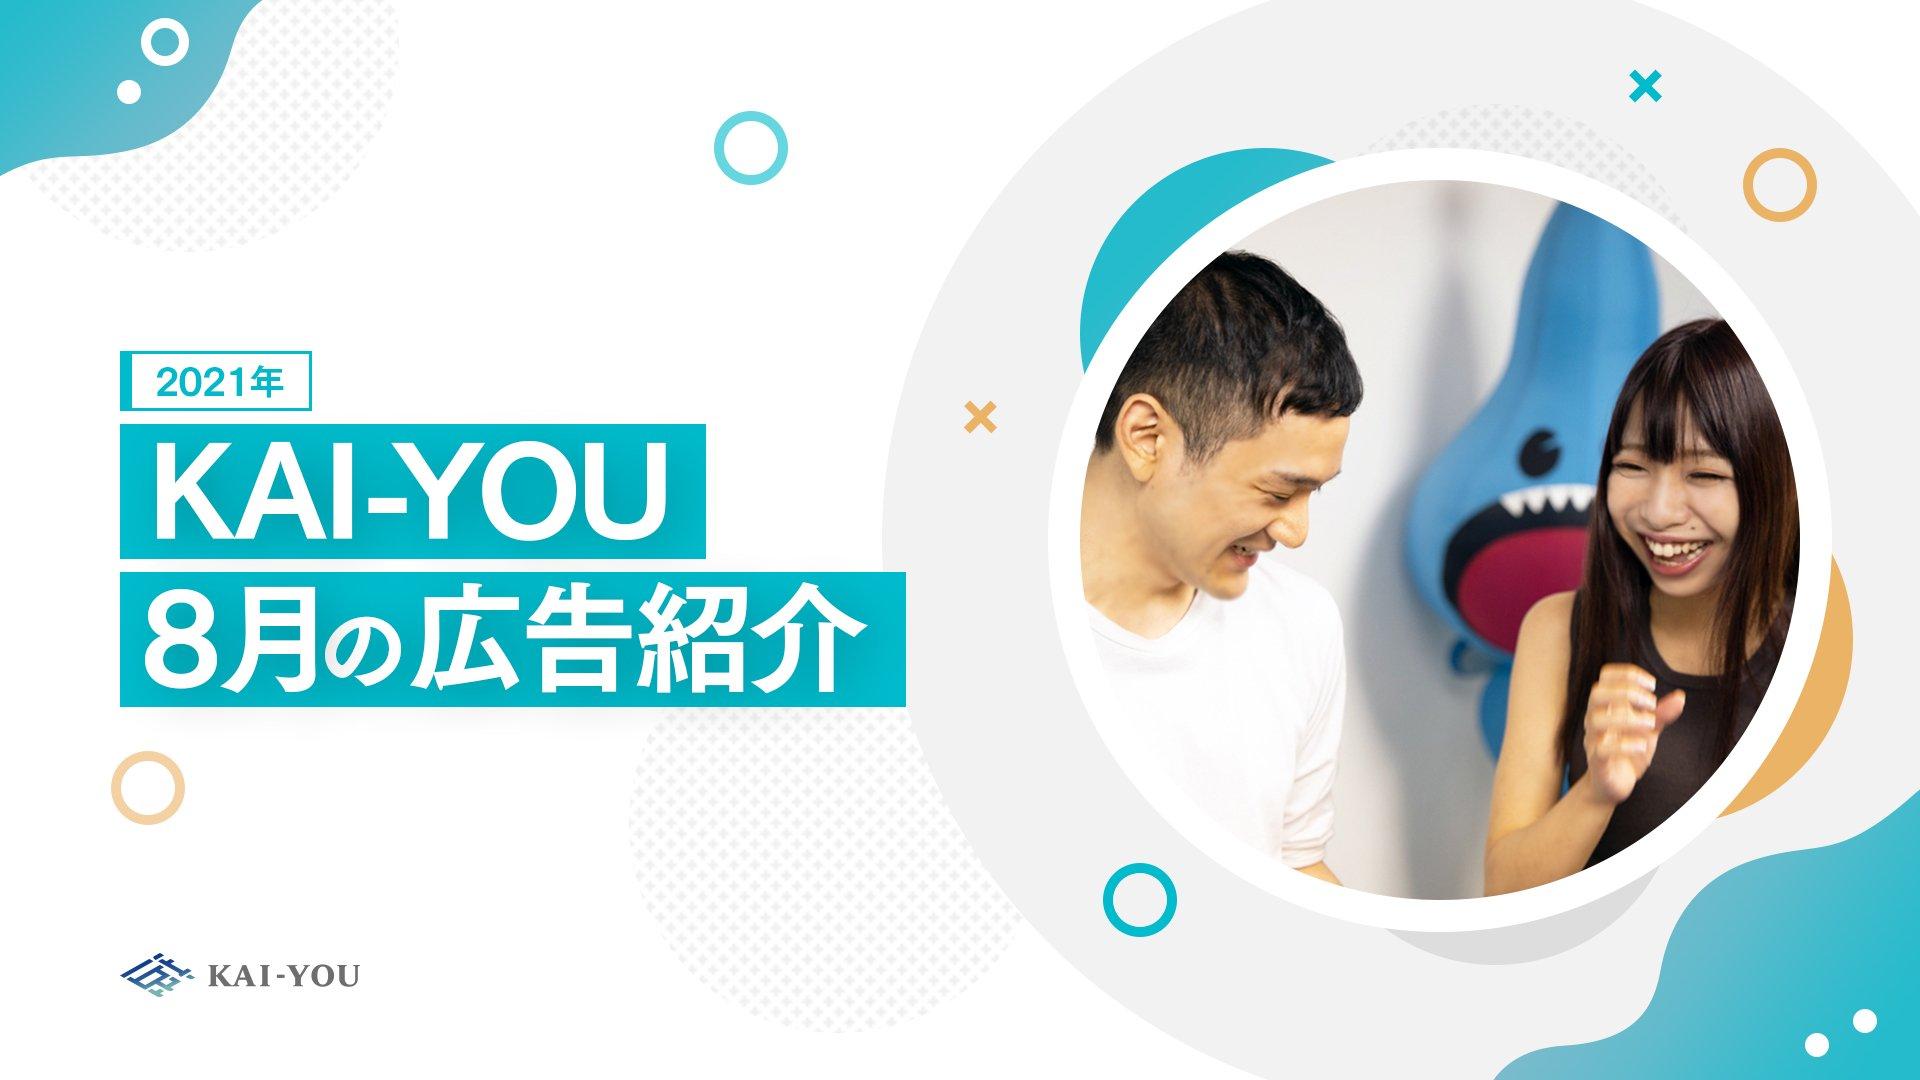 KAI-YOU 広告事例のご案内 | 2021年8月